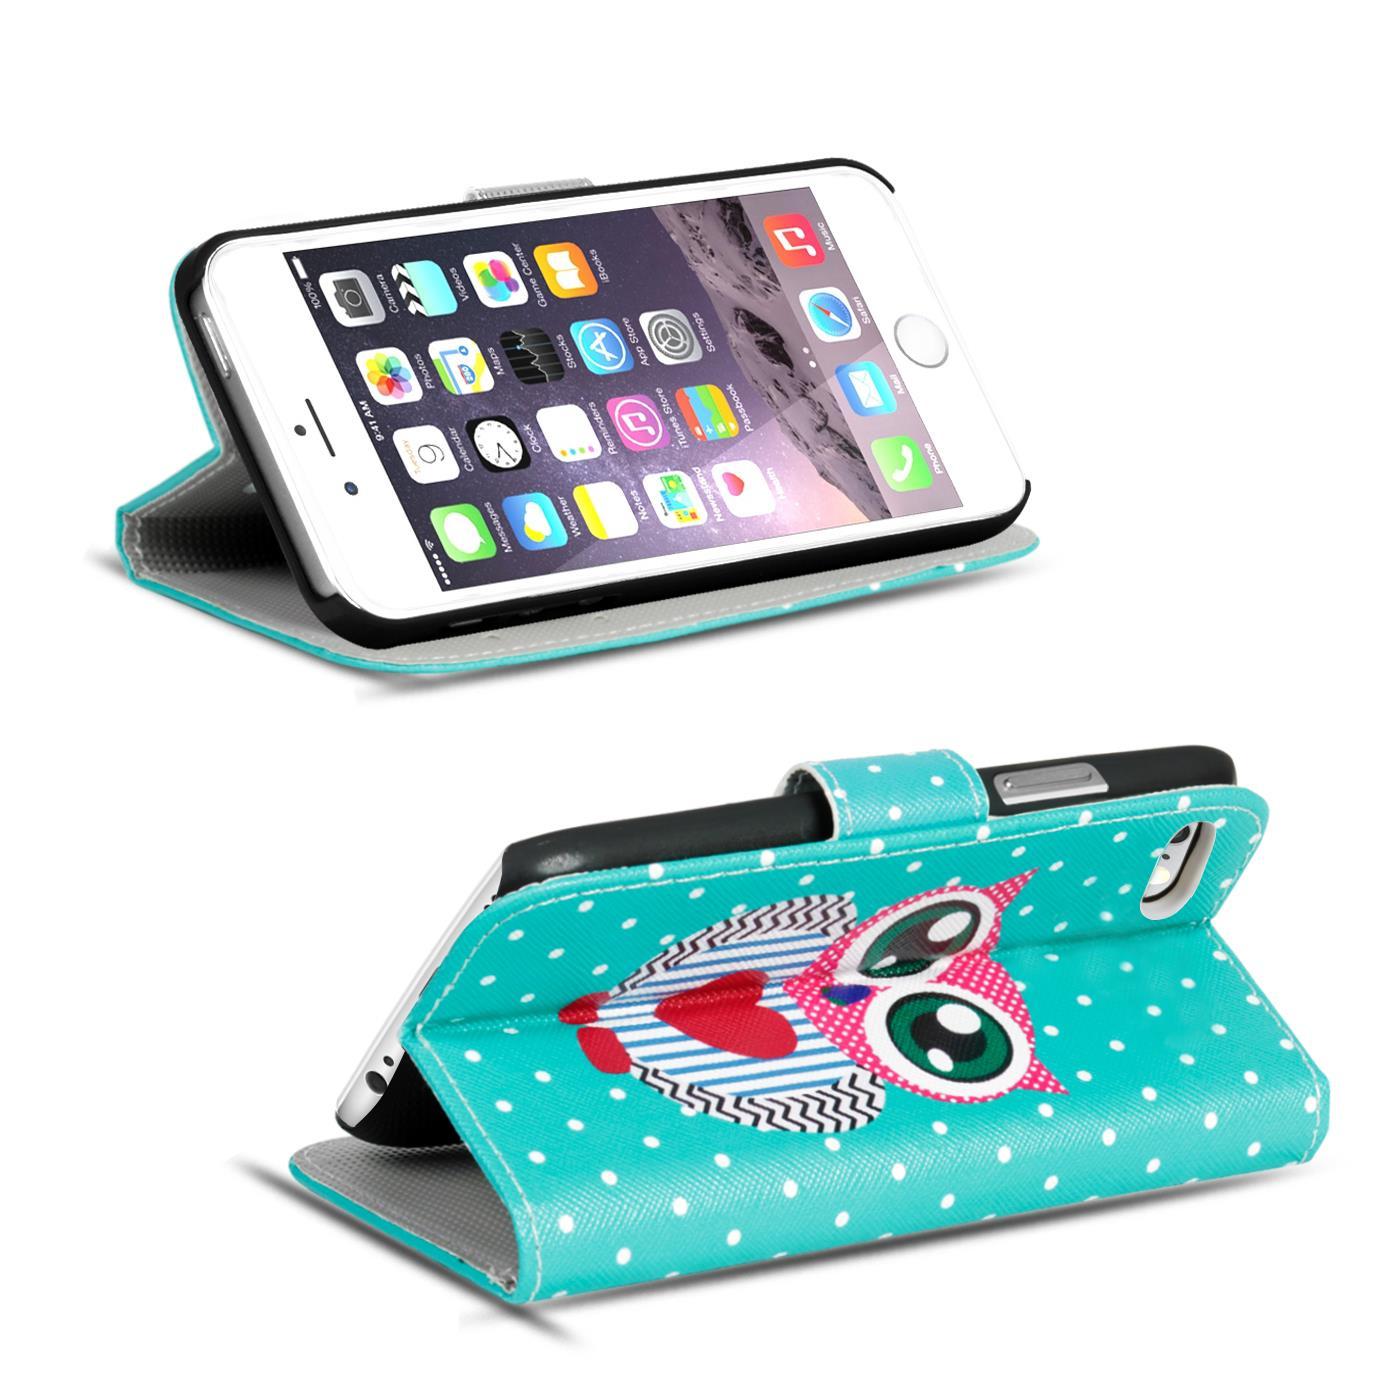 Handy-Huelle-Apple-iPhone-8-Plus-Flip-Cover-Case-Schutz-Tasche-Etui-Motiv-Wallet Indexbild 63